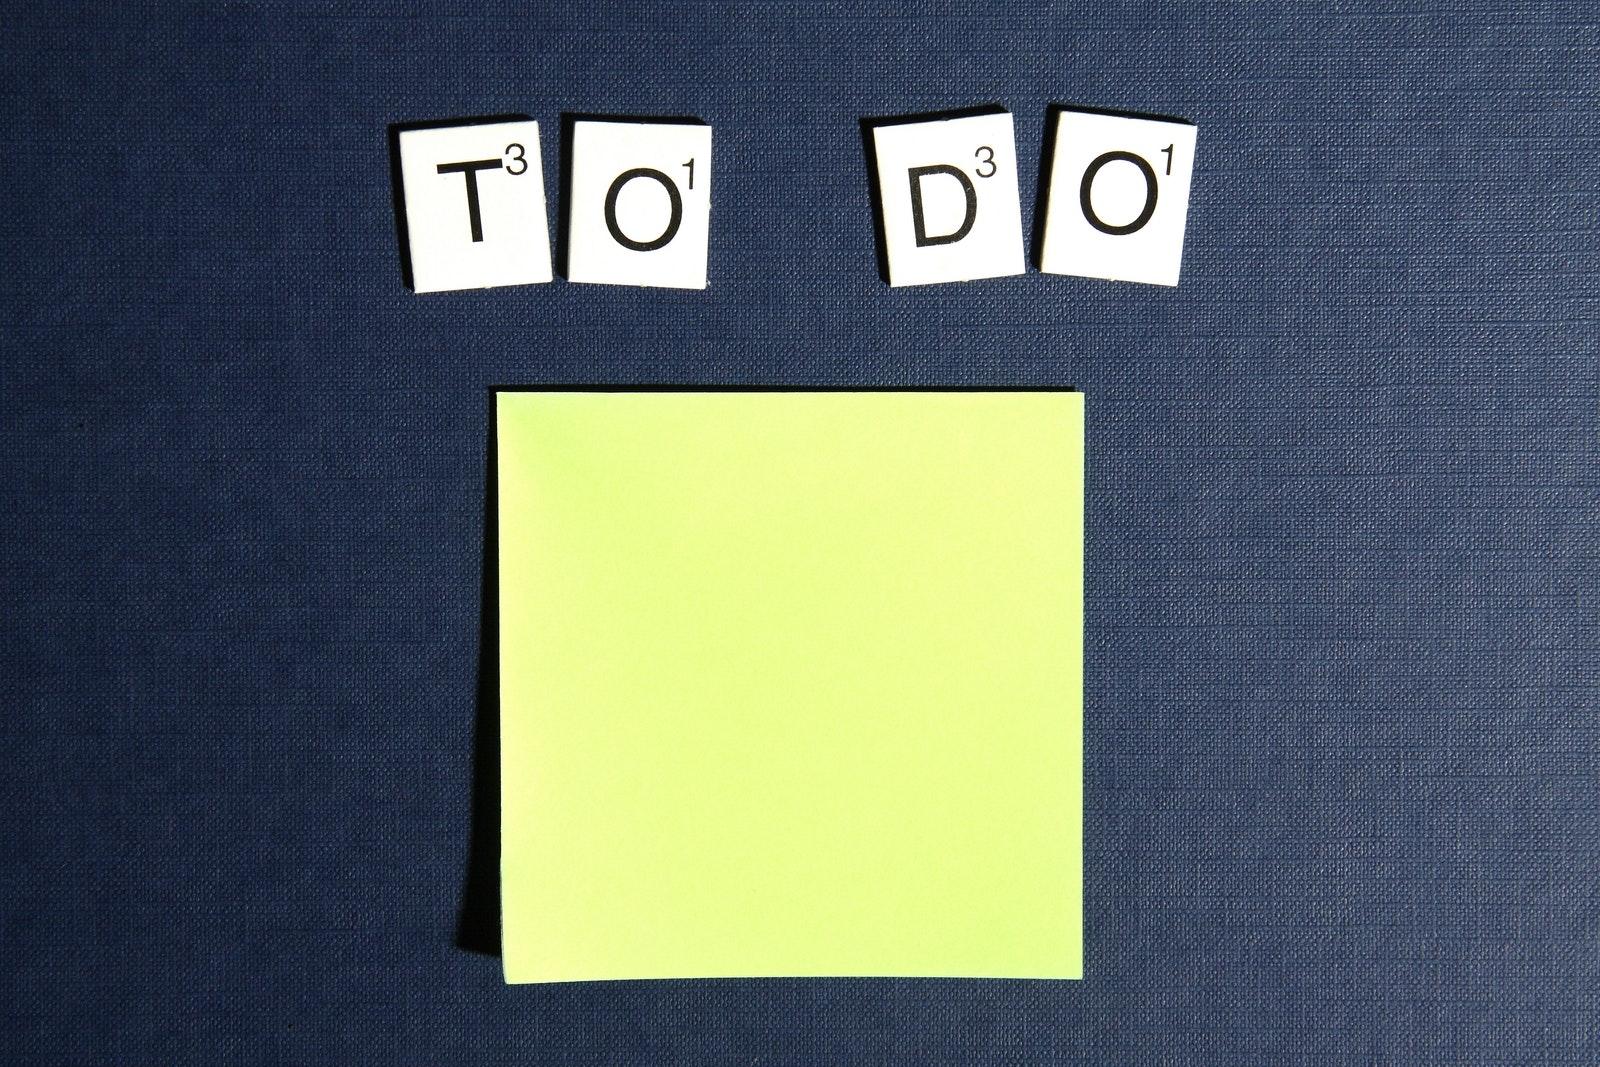 Notizzettel mit To Do Buchstaben